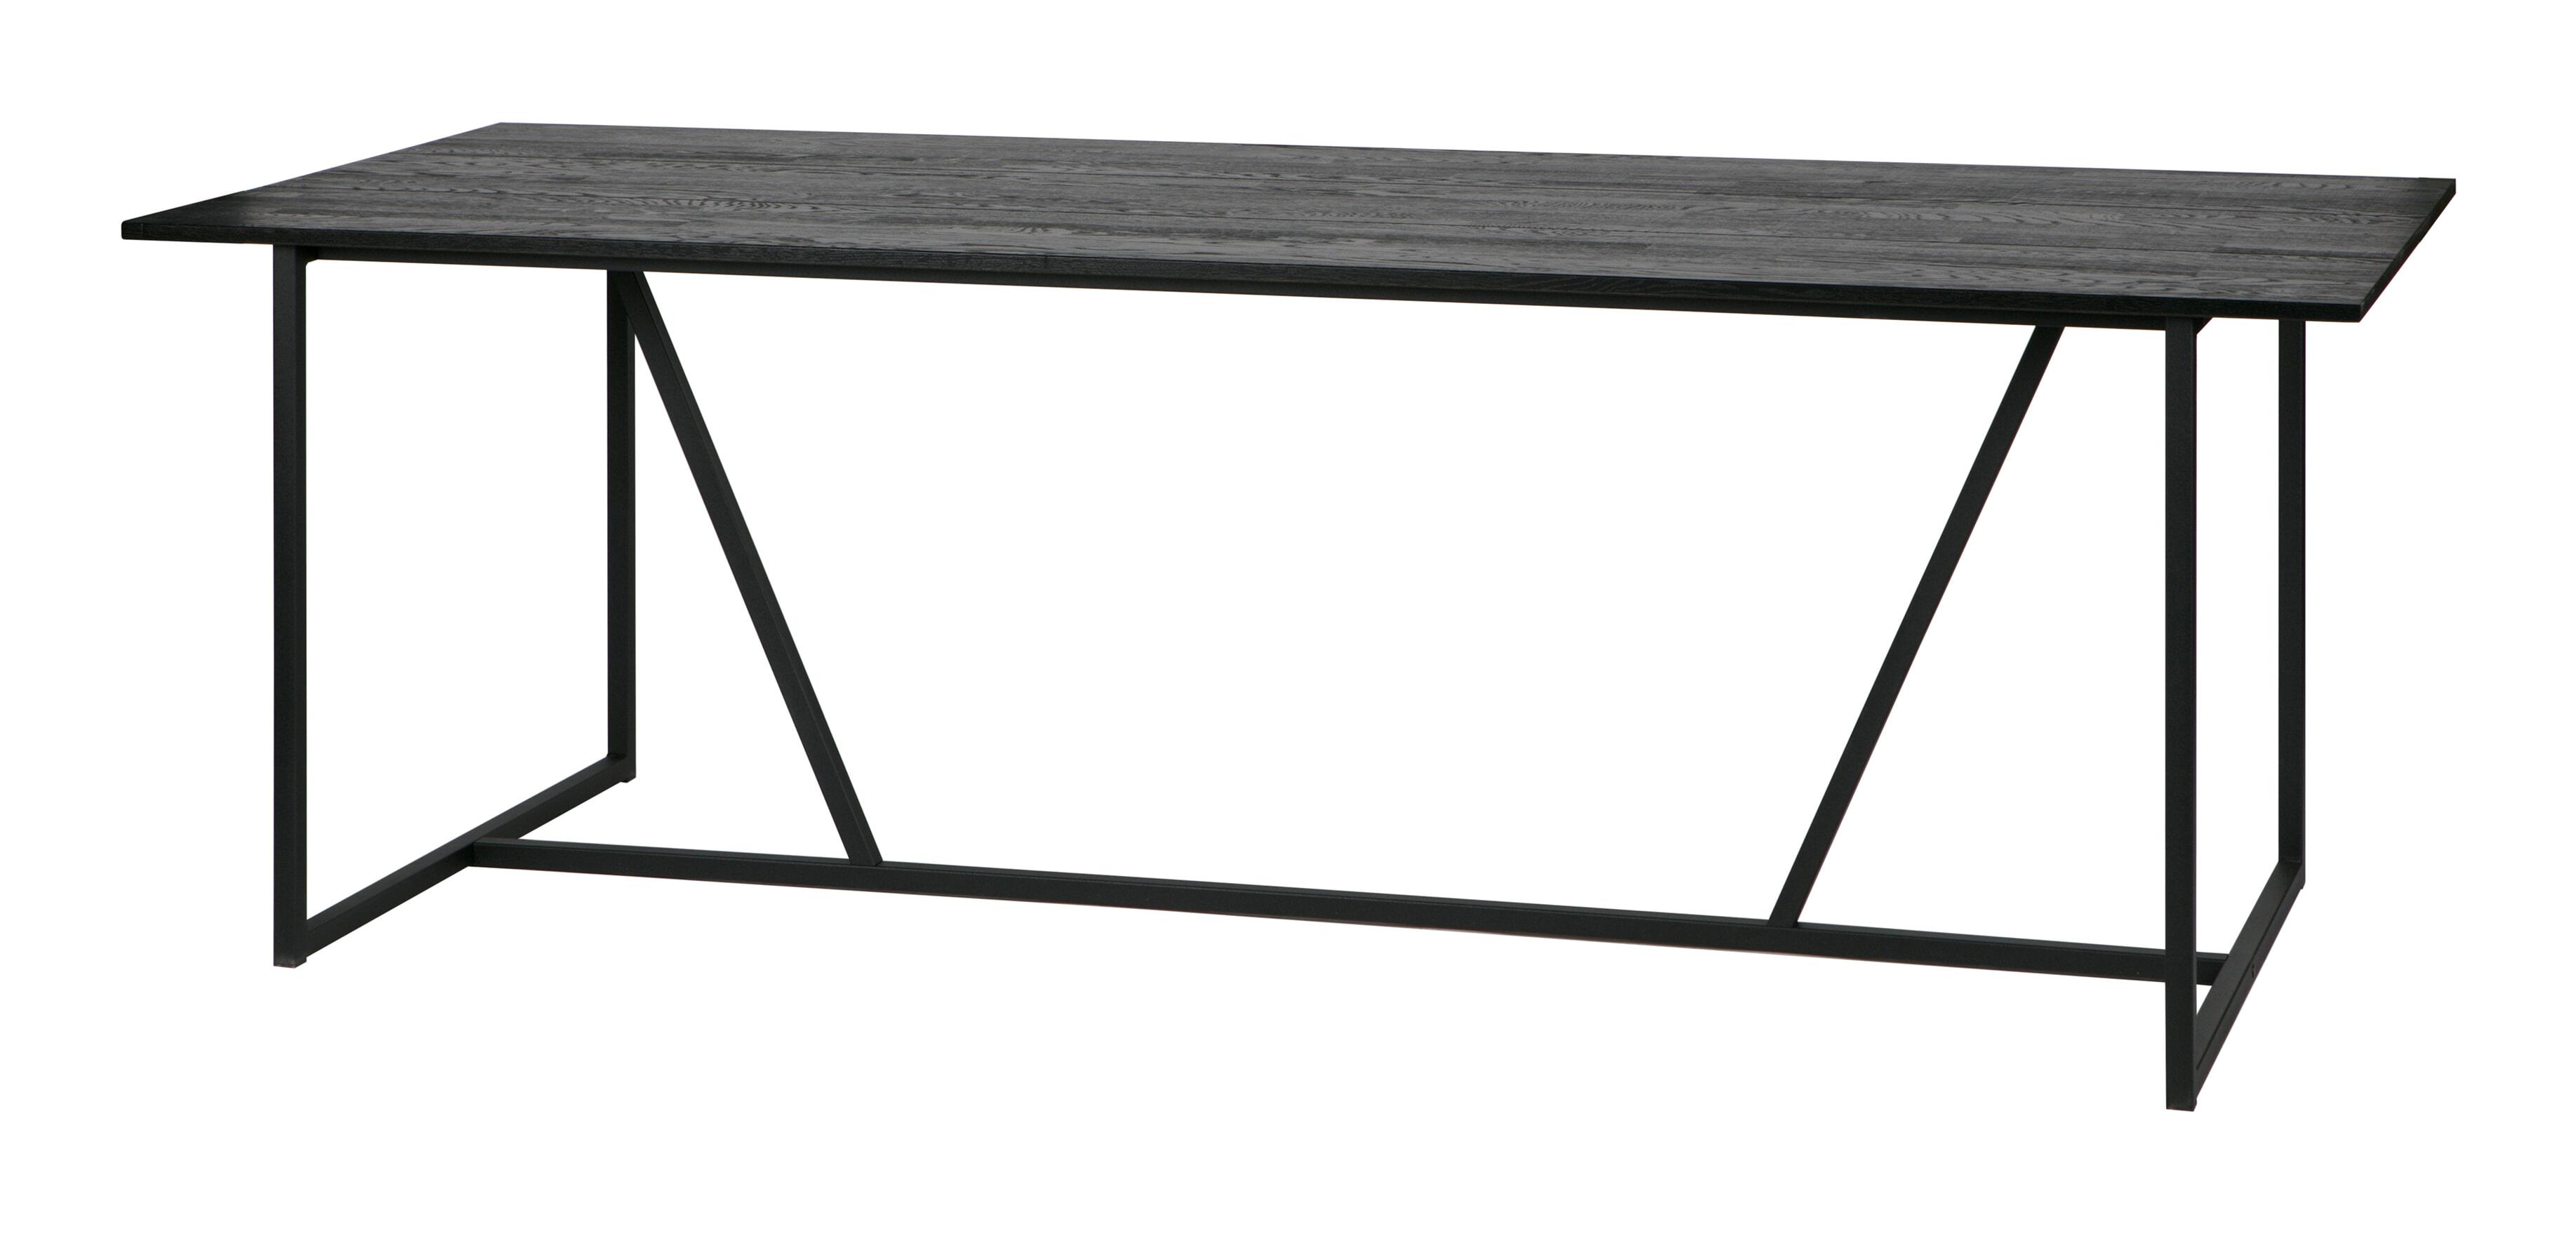 WOOOD Eettafel 'Silas' Eiken 220 x 90cm, kleur Blacknight